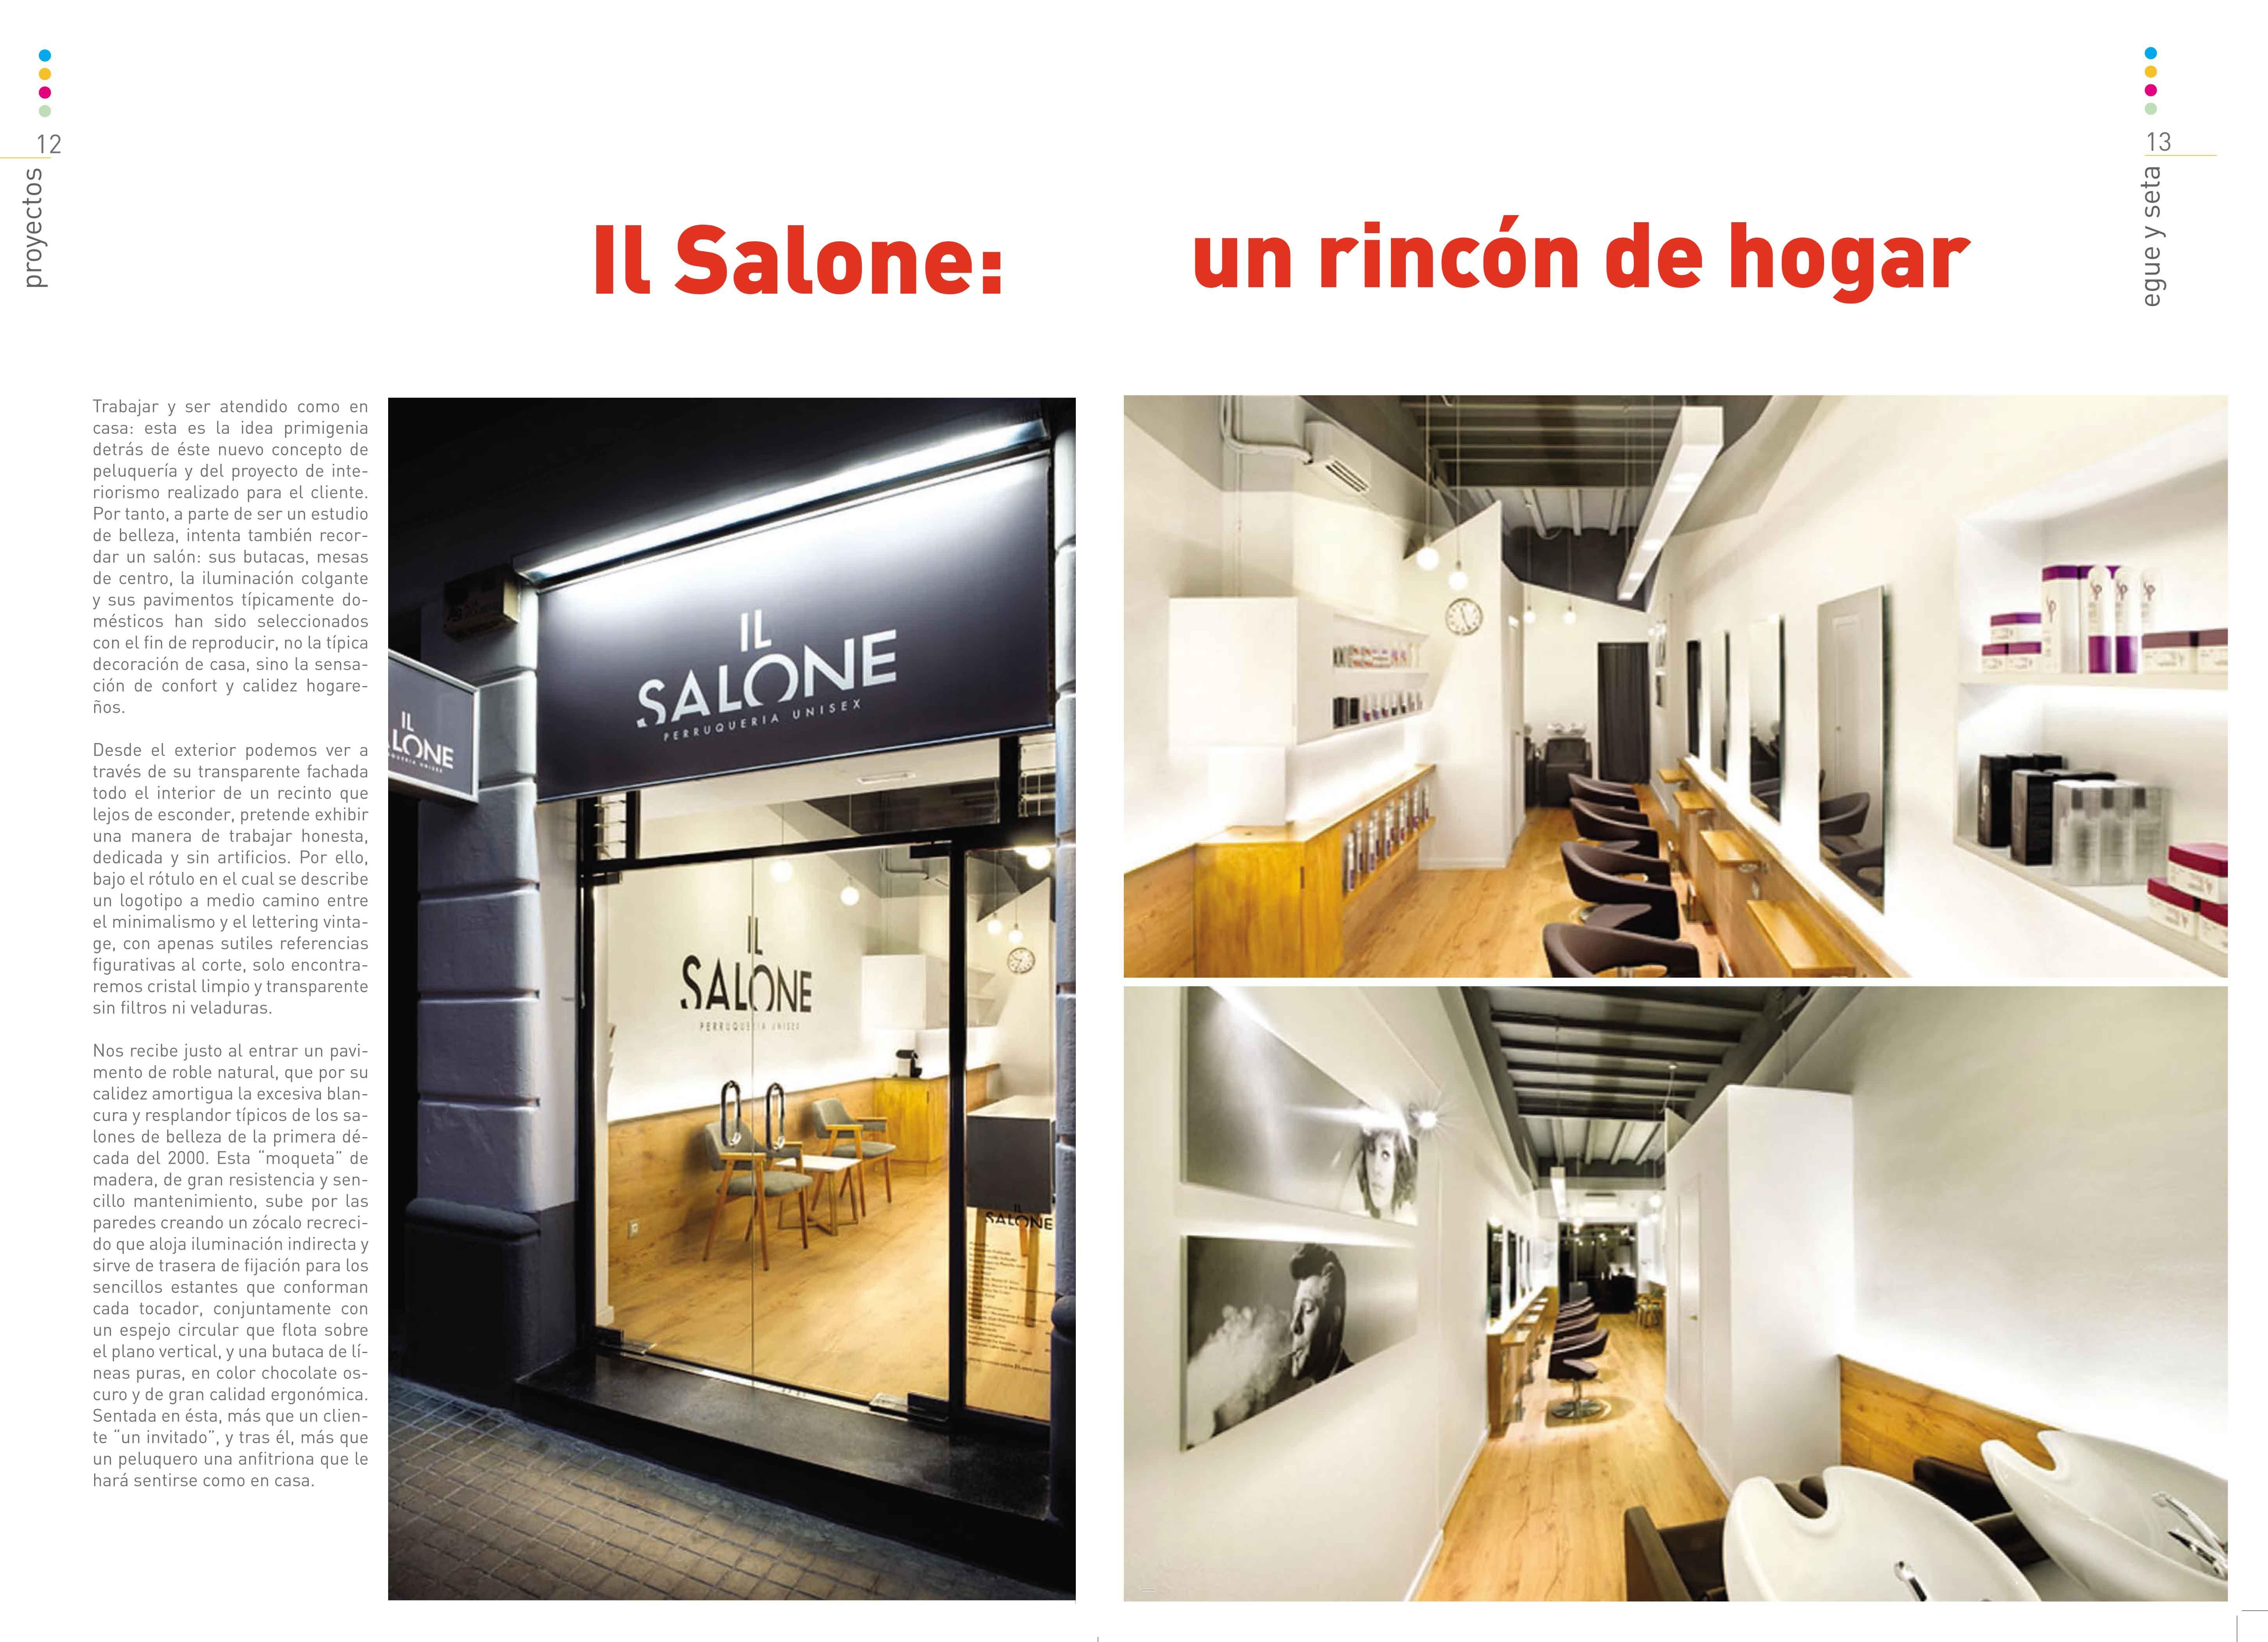 il-salone_egue-y-seta